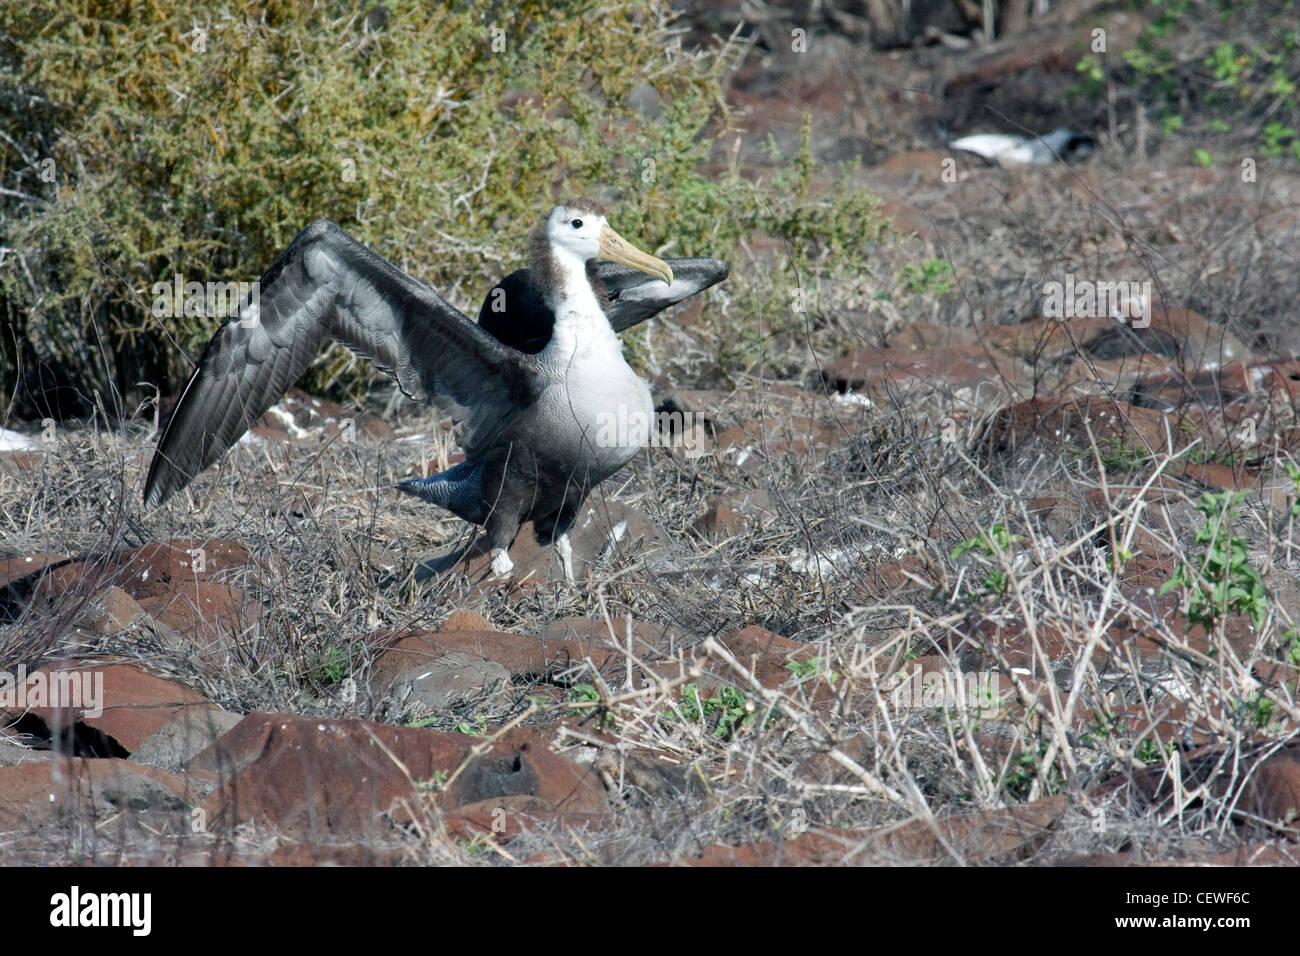 Les jeunes oiseaux Albatros apprendre à voler dans les îles Galapagos Banque D'Images